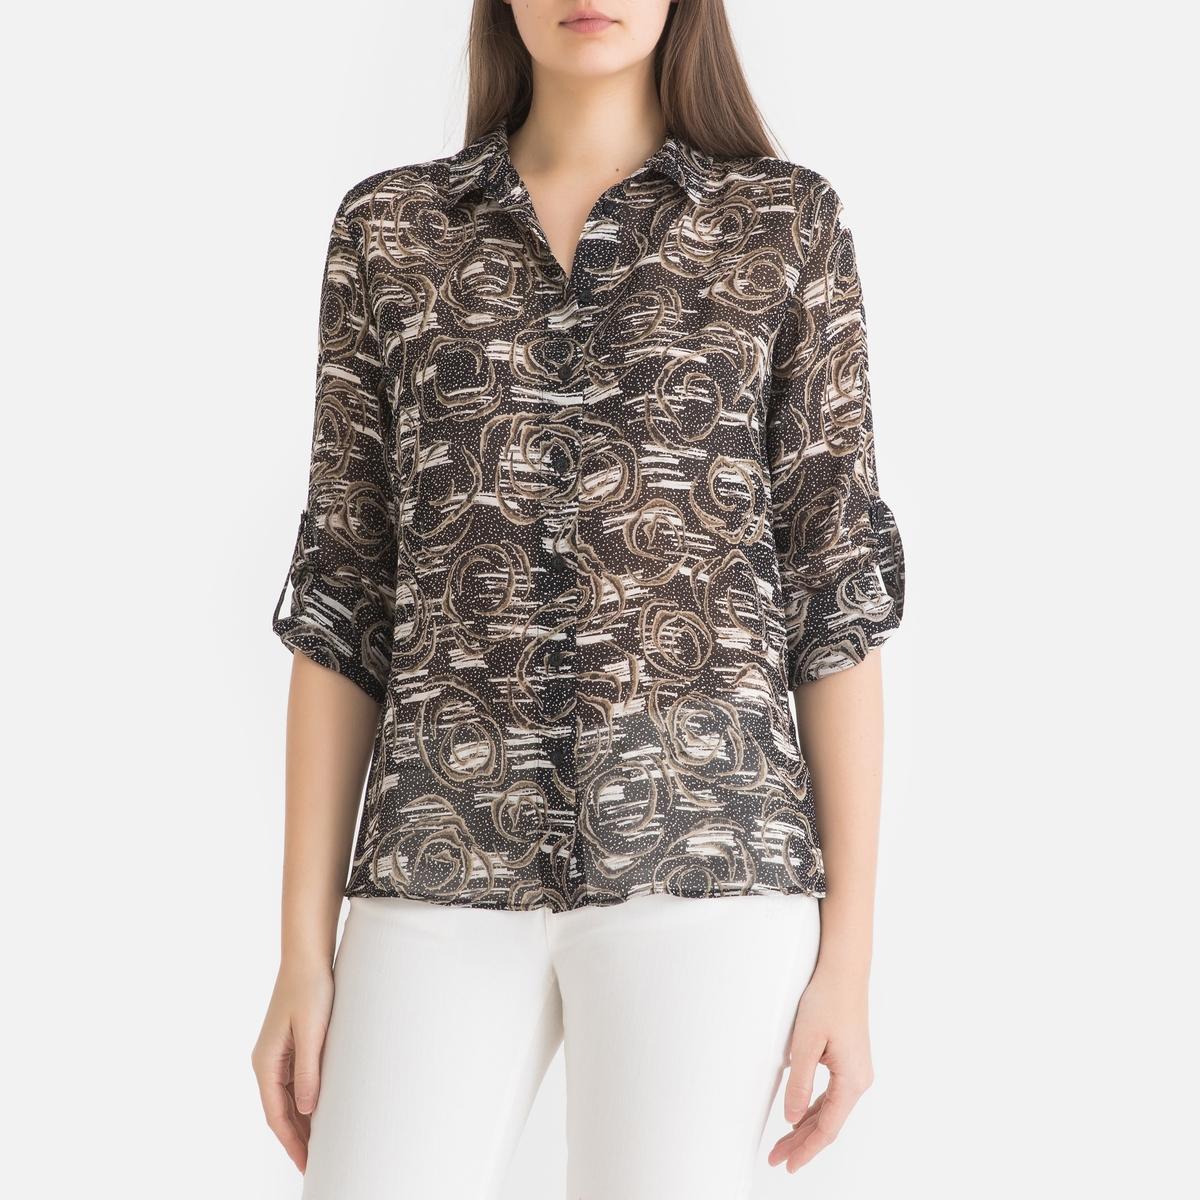 Рубашка La Redoute Из вуали с принтом и длинными рукавами 36 (FR) - 42 (RUS) черный блузка la redoute из вуали с принтом и длинными рукавами smoke 3 l каштановый